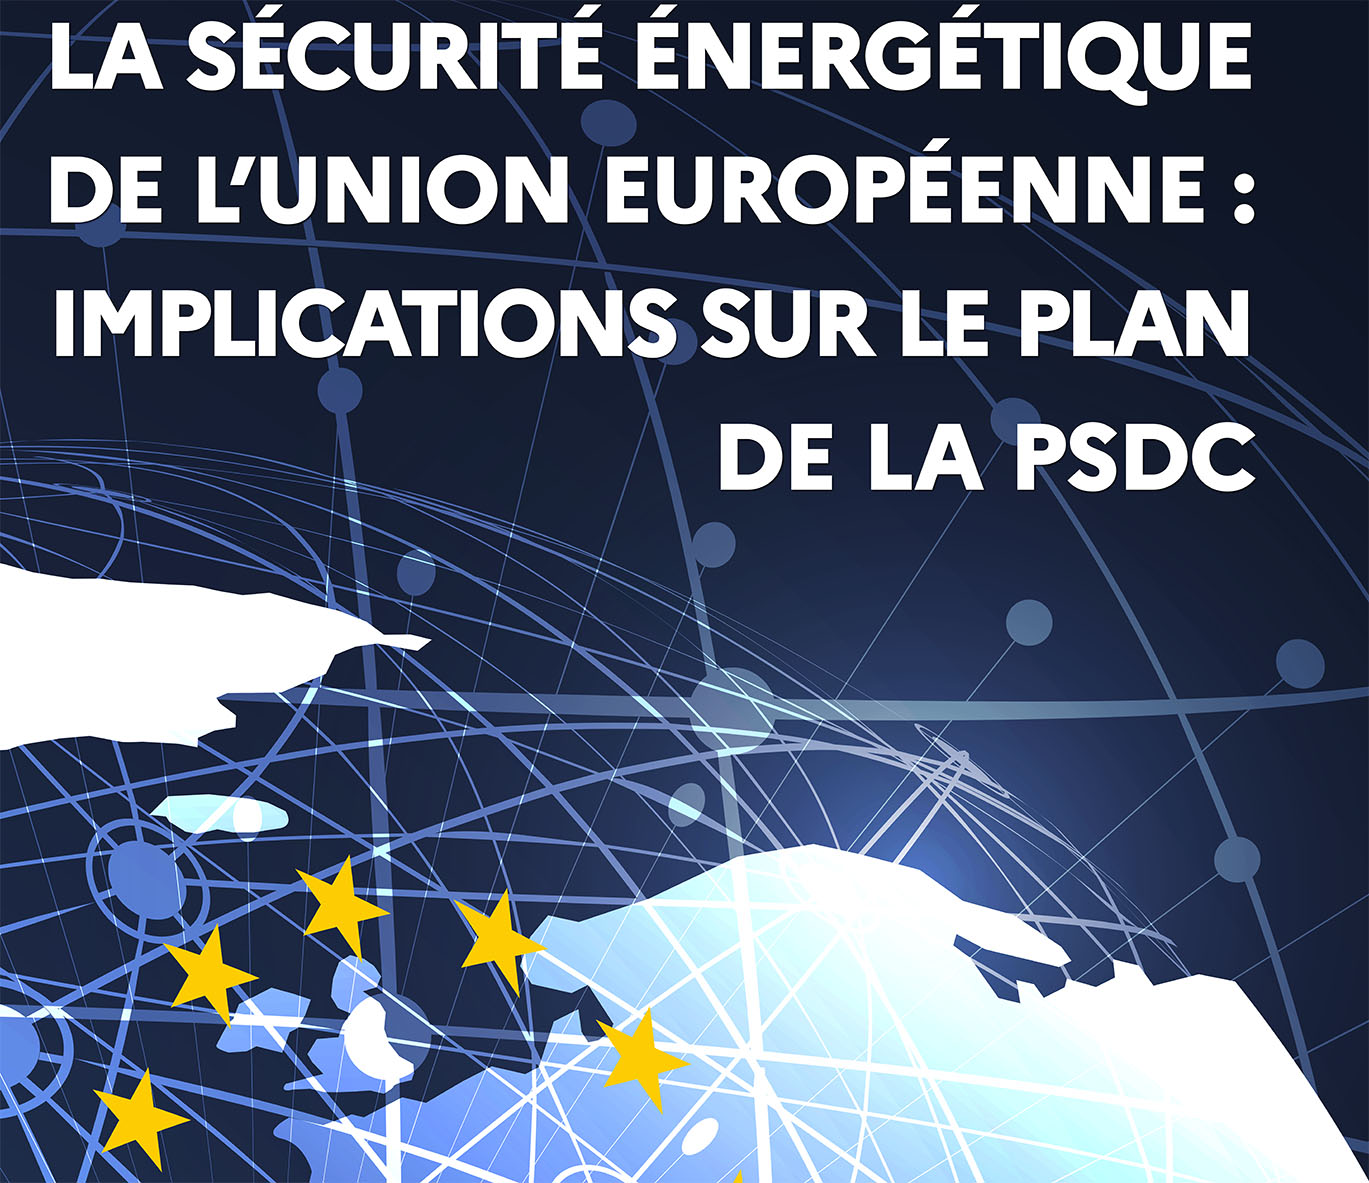 La sécurité énergétique de l'Union Européenne et ses implications sur le plan de la PSDC